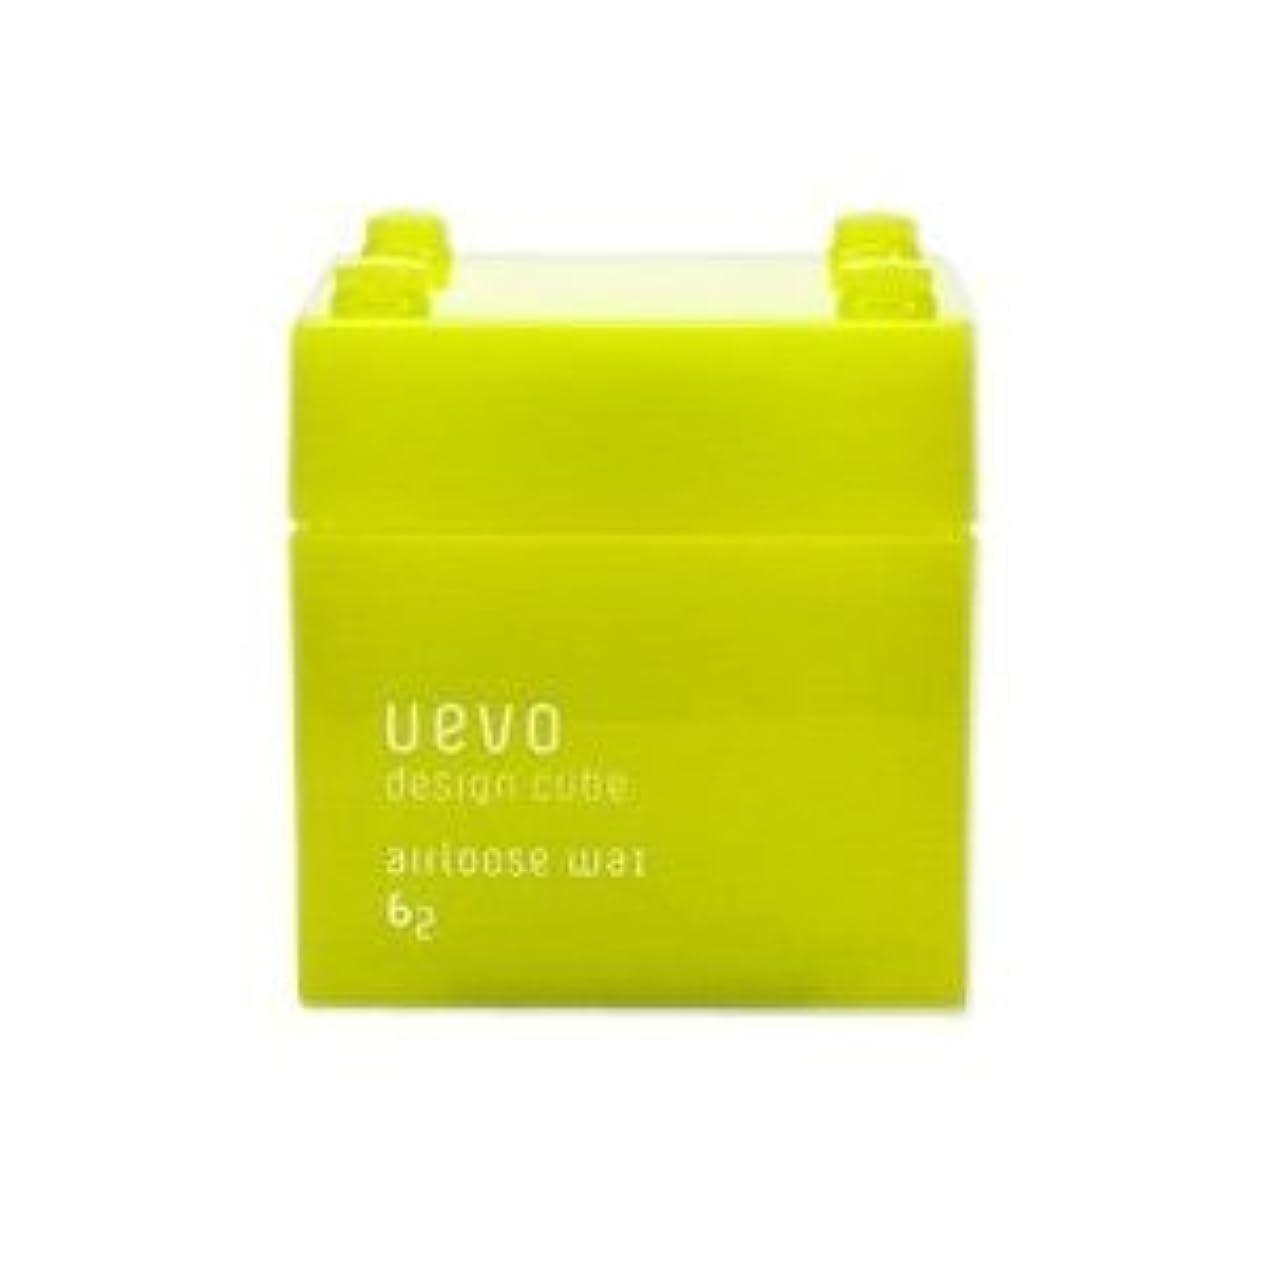 びんどんよりした篭【X3個セット】 デミ ウェーボ デザインキューブ エアルーズワックス 80g airloose wax DEMI uevo design cube